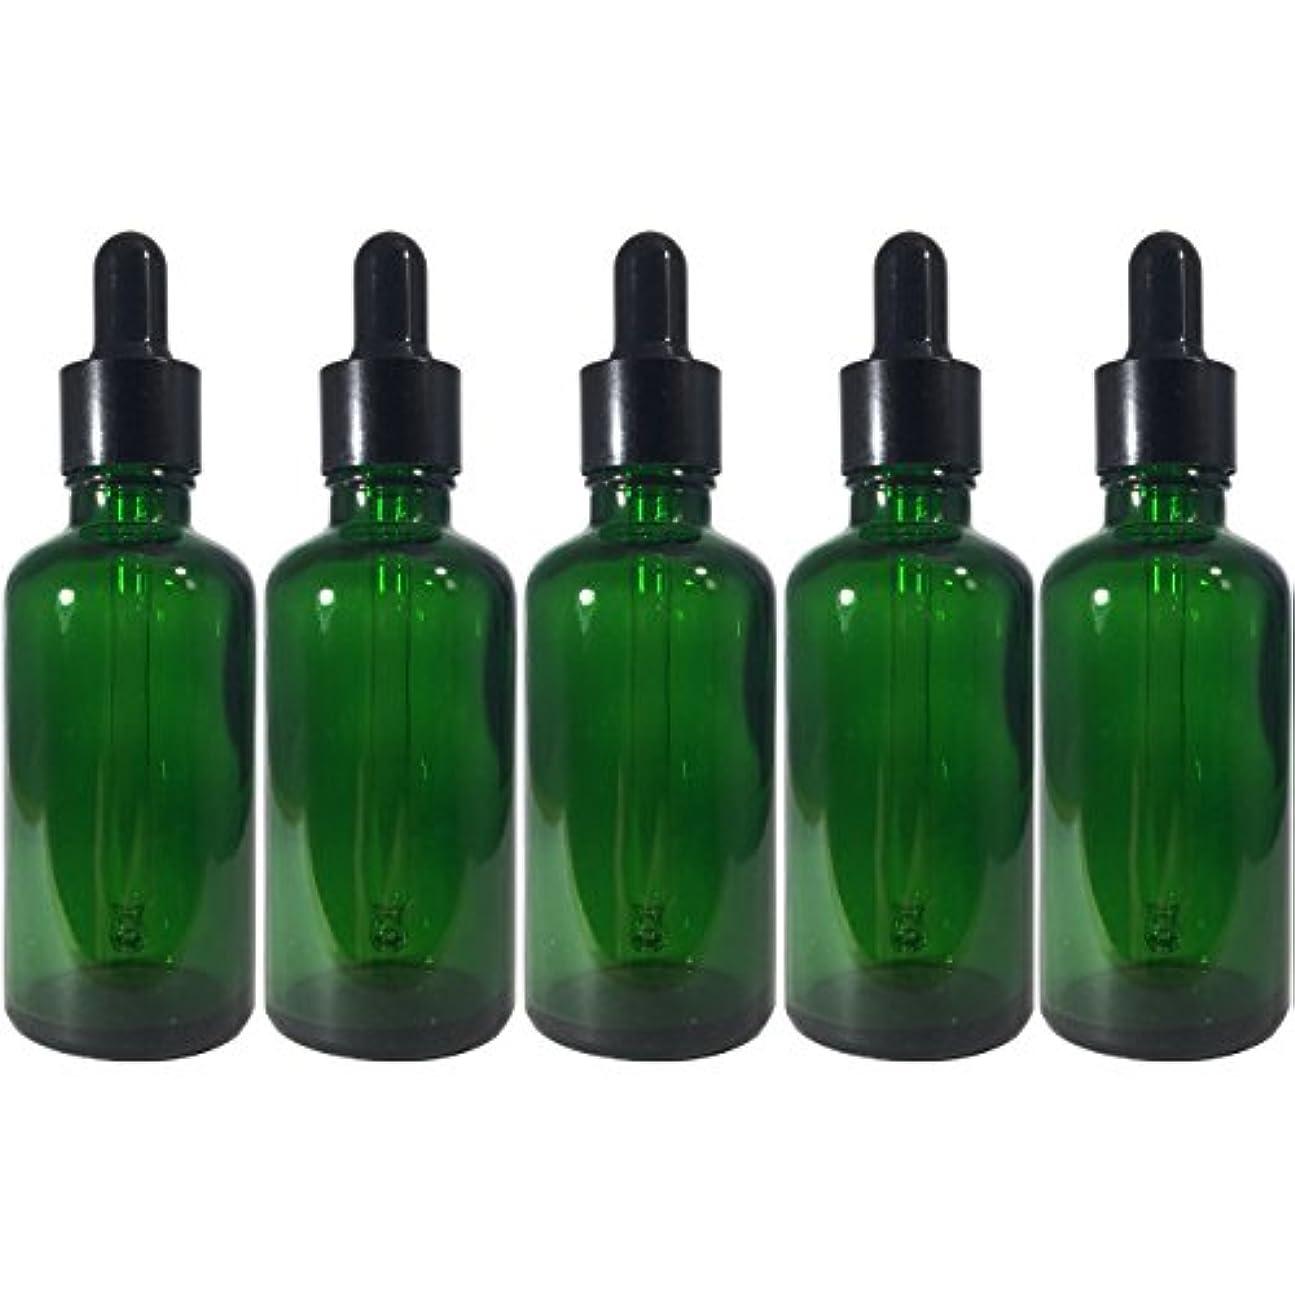 突進検査回転させるスポイト 付き 遮光瓶 5本セット ガラス製 アロマオイル エッセンシャルオイル アロマ 遮光ビン 保存用 精油 ガラスボトル 保存容器詰め替え 緑 グリーン (50ml)